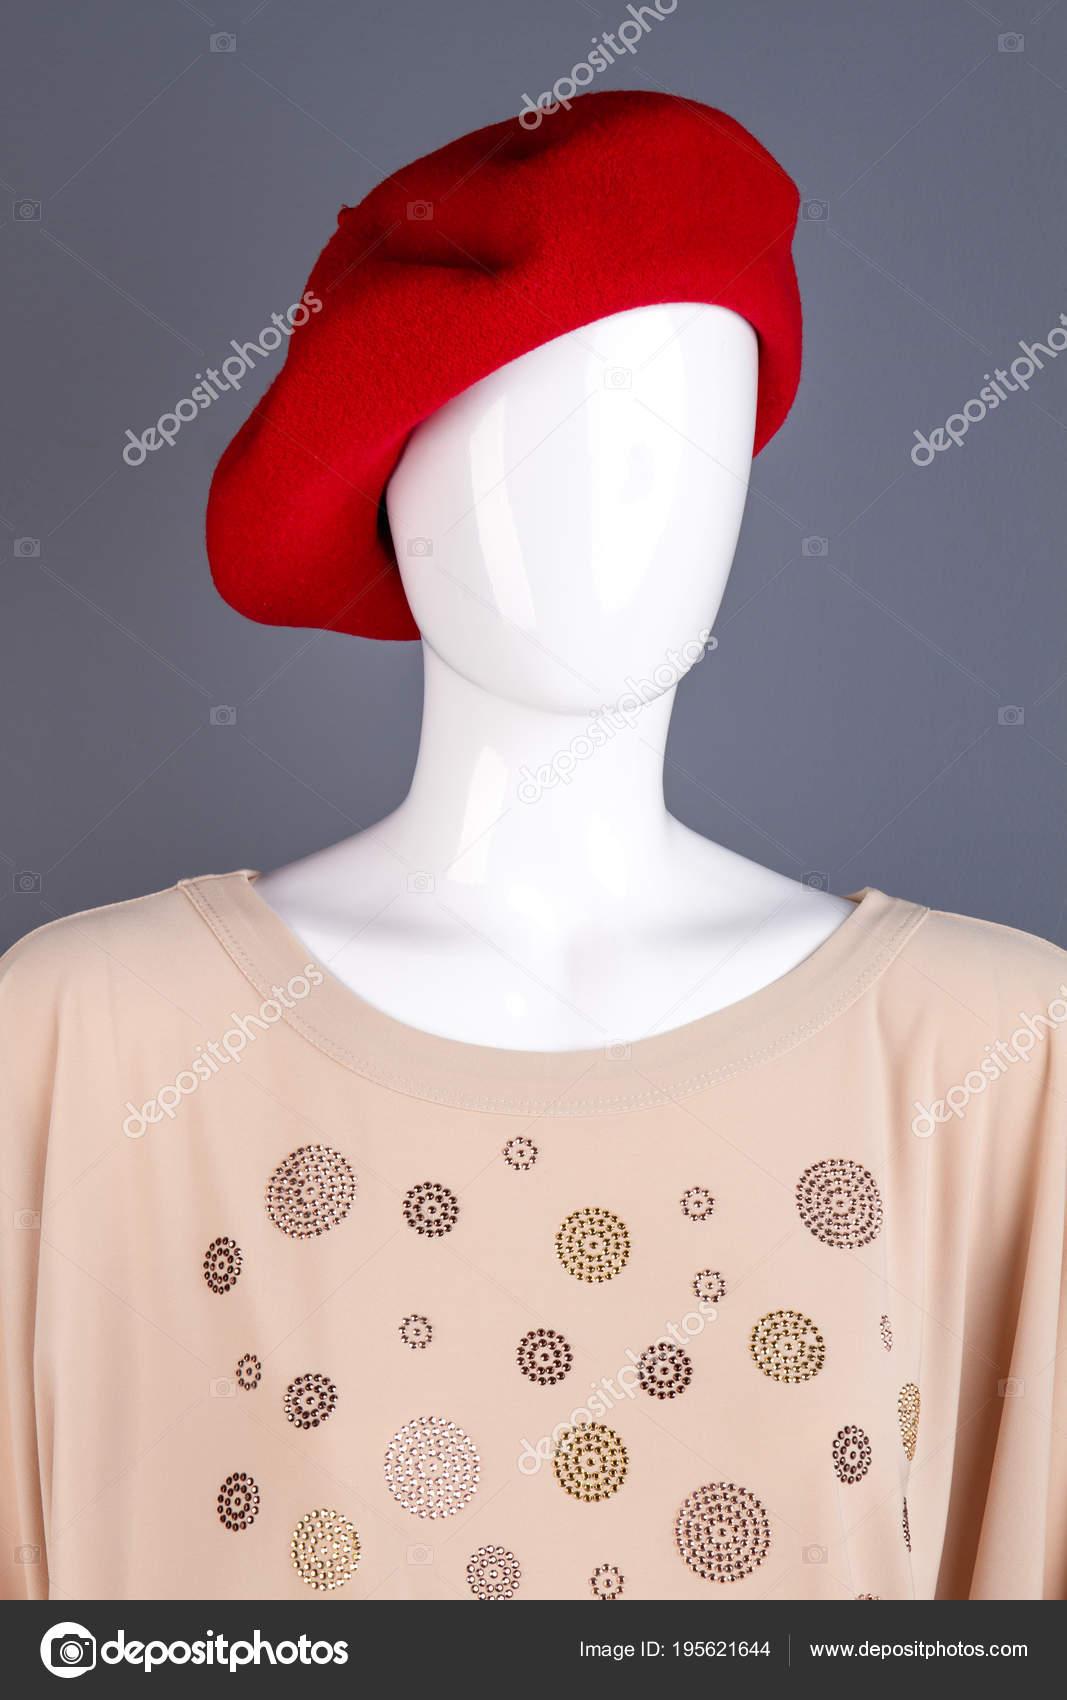 3412af84b9ac4 Retrato de manequim na boina vermelha francesa. Manequim vestindo blusa  elegante feminina. Conceito de moda e estilo — Fotografia por ...